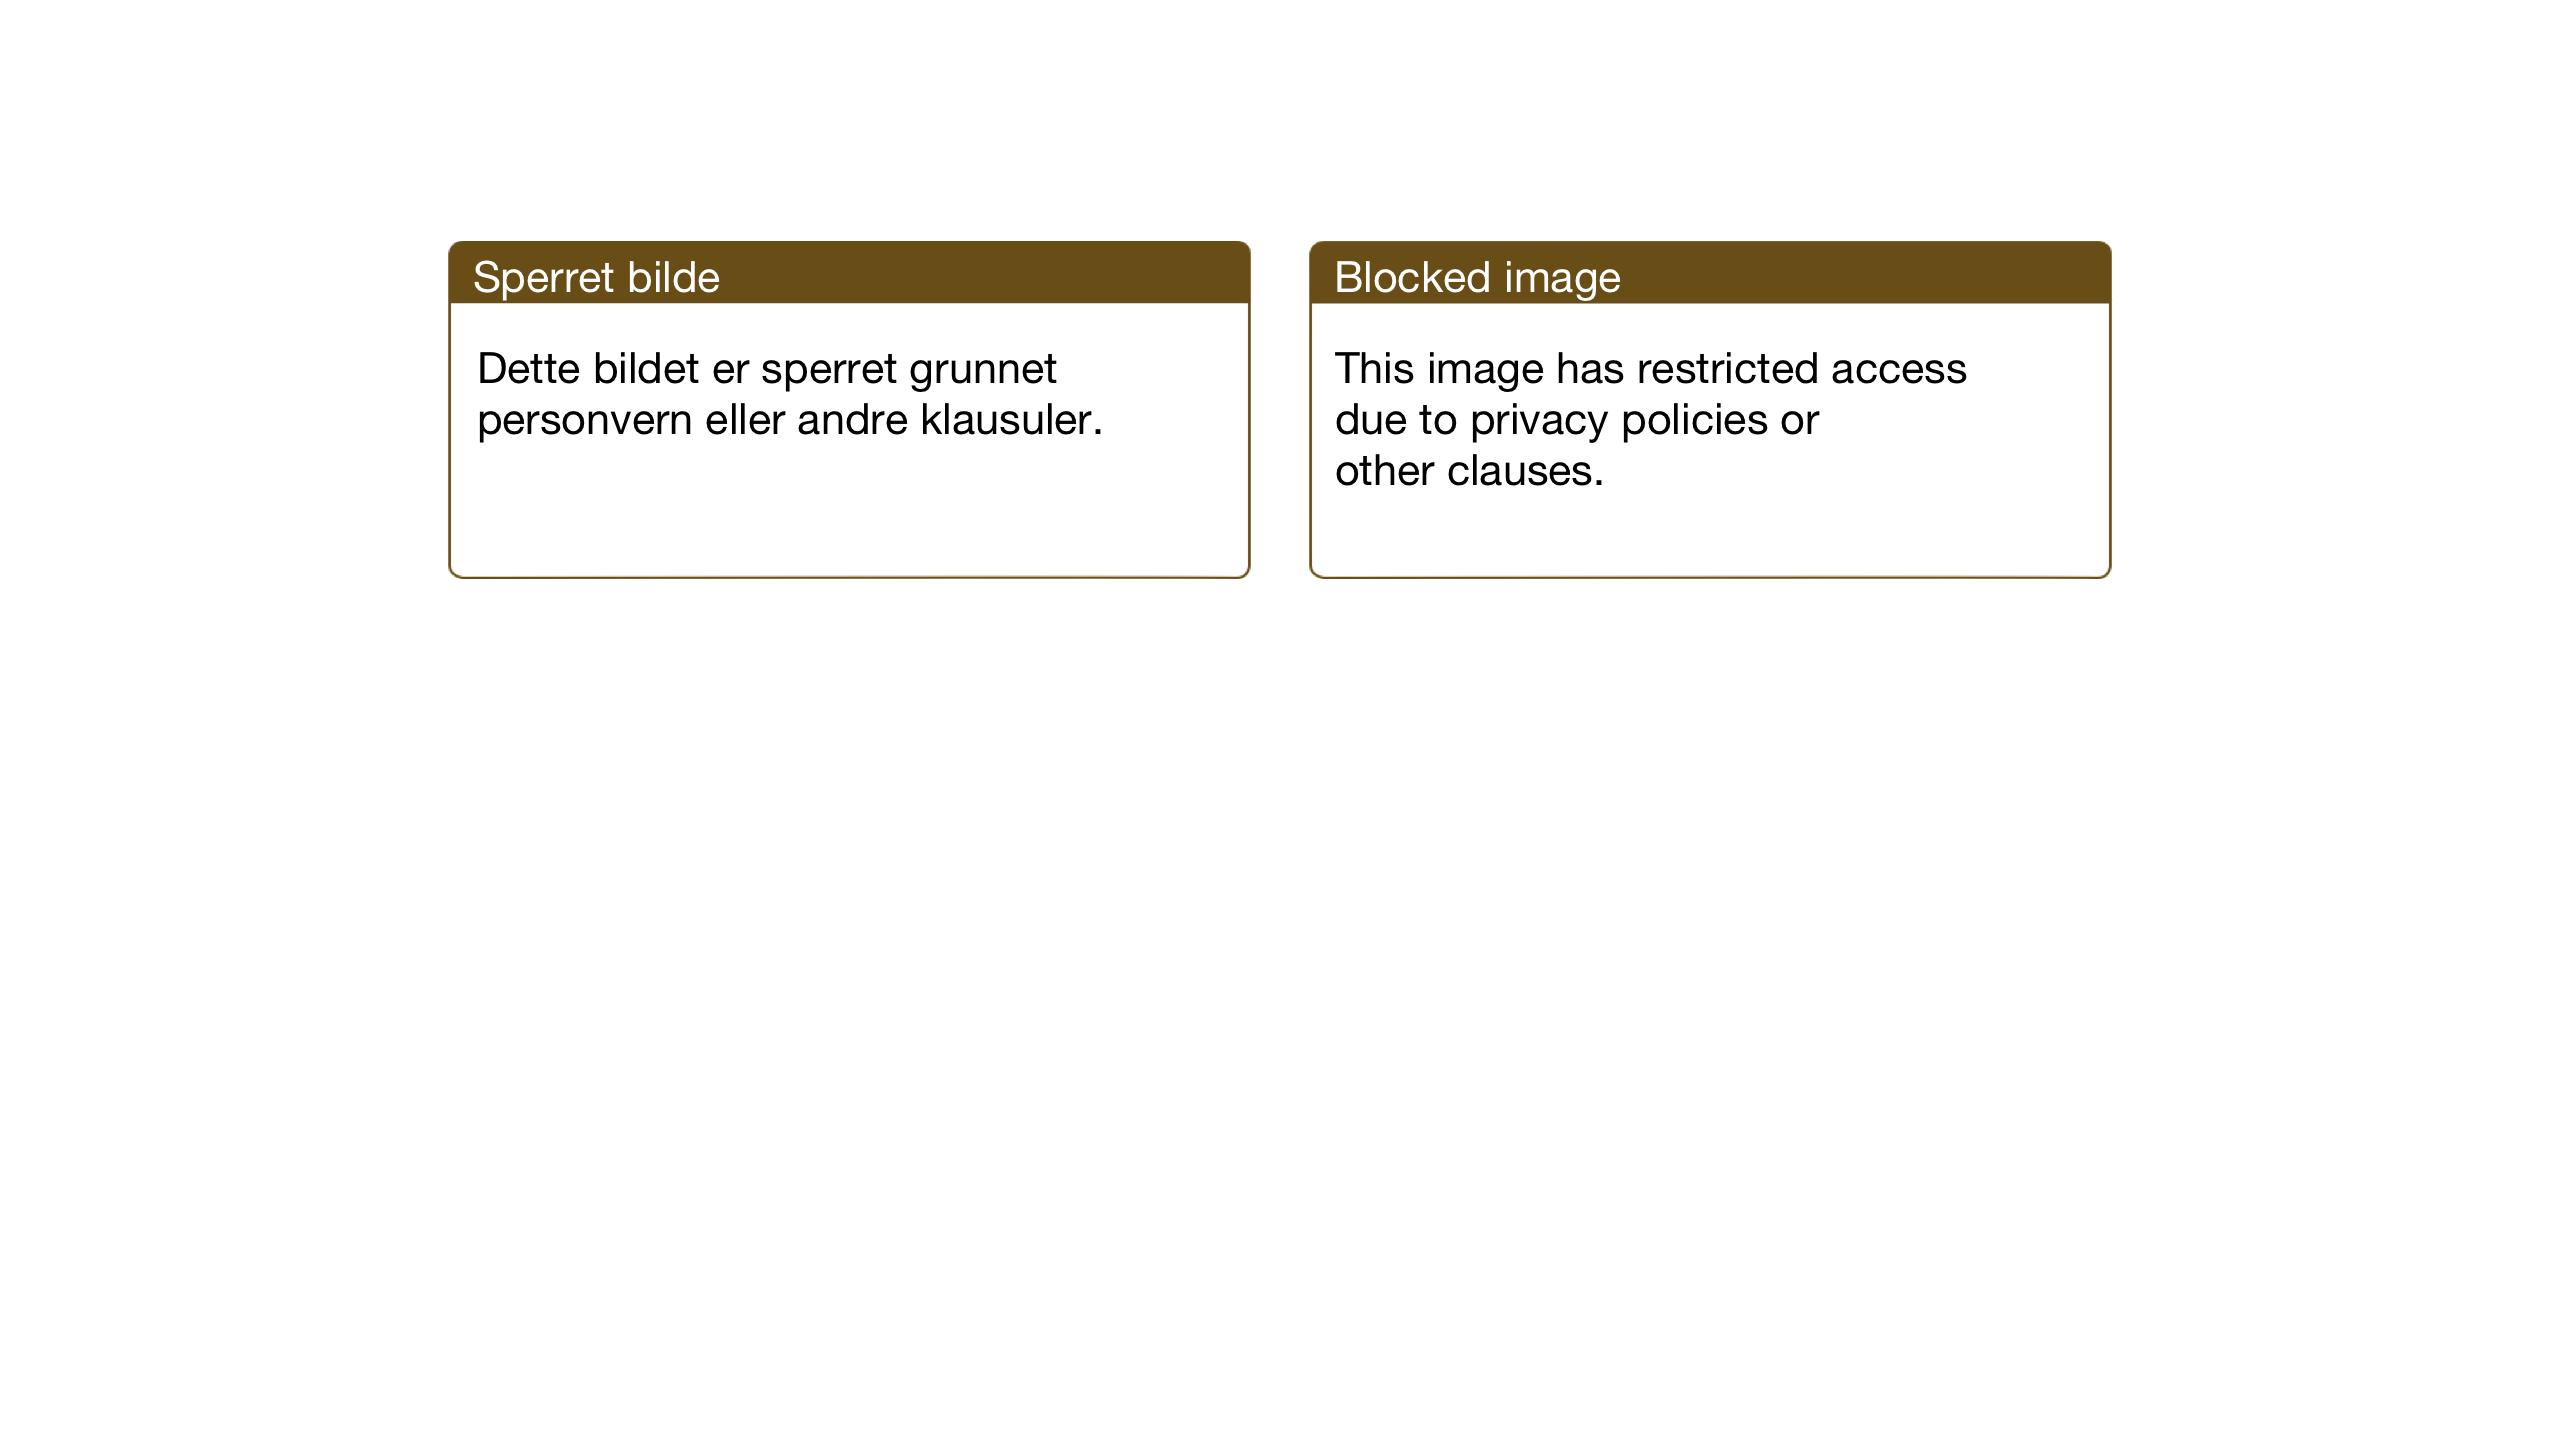 SAT, Ministerialprotokoller, klokkerbøker og fødselsregistre - Sør-Trøndelag, 662/L0758: Klokkerbok nr. 662C03, 1918-1948, s. 278